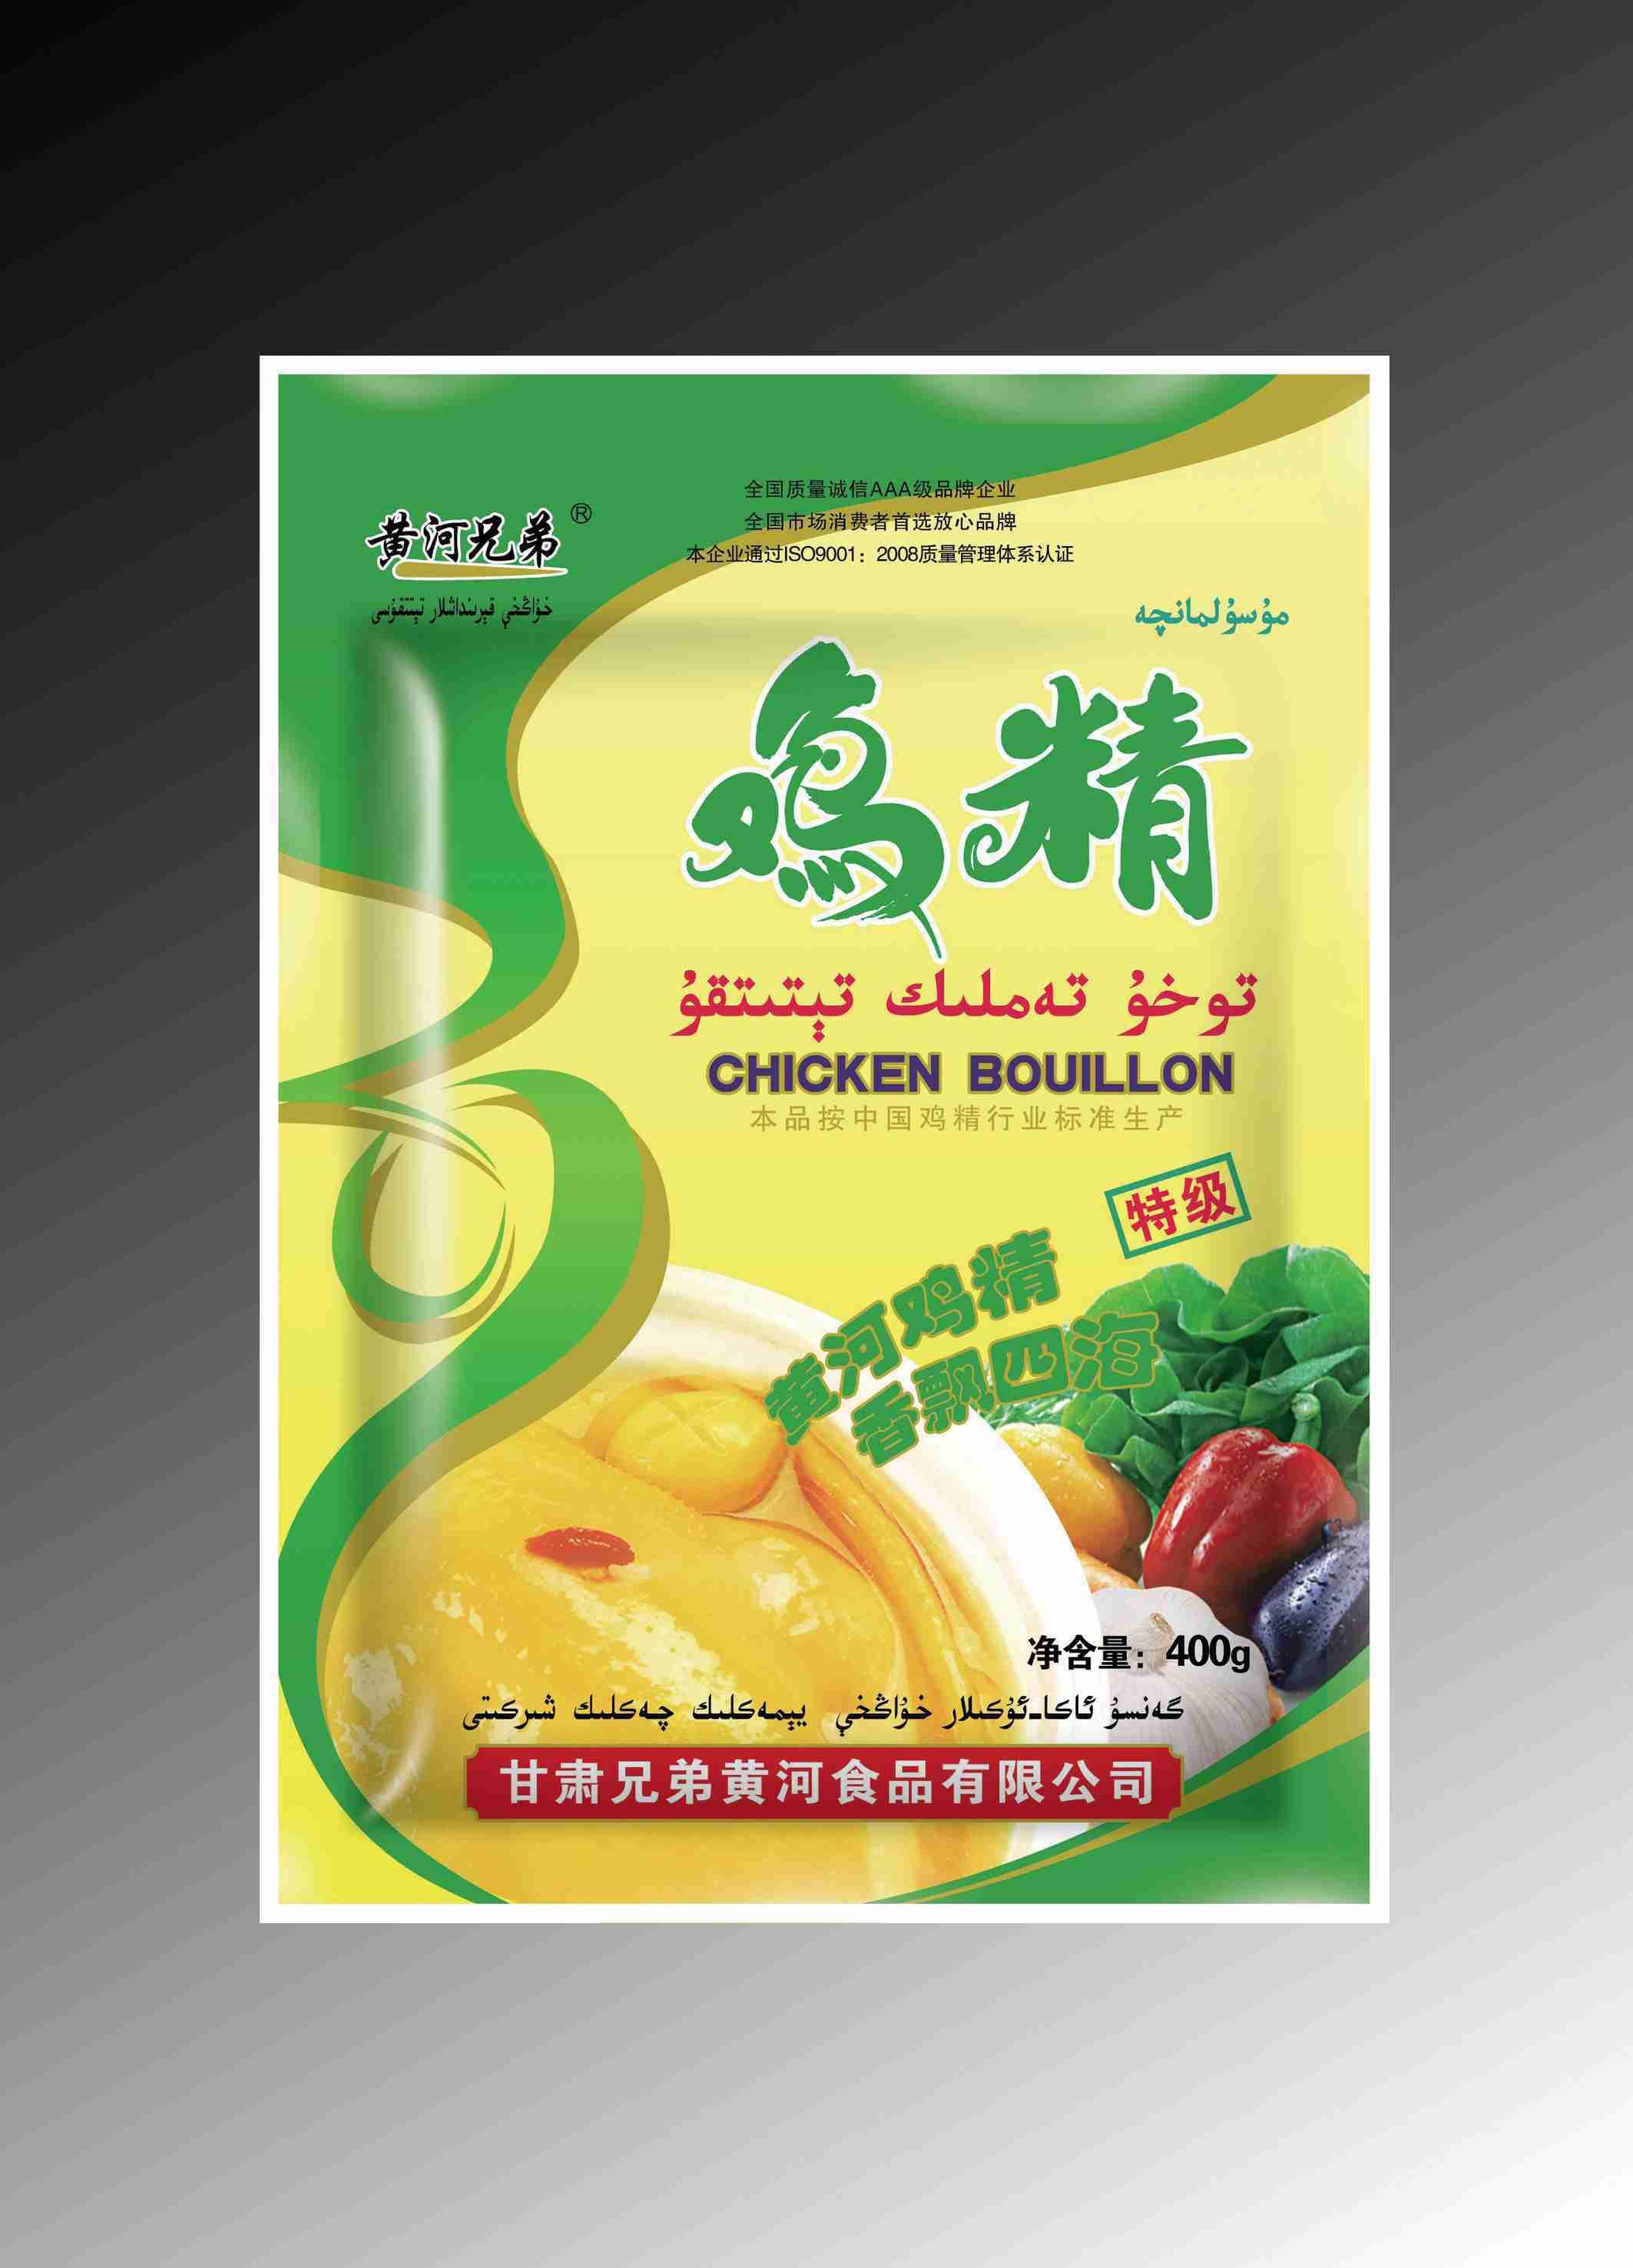 甘肃永兴塑料彩印厂-兰州塑料包装-兰州真空包装袋